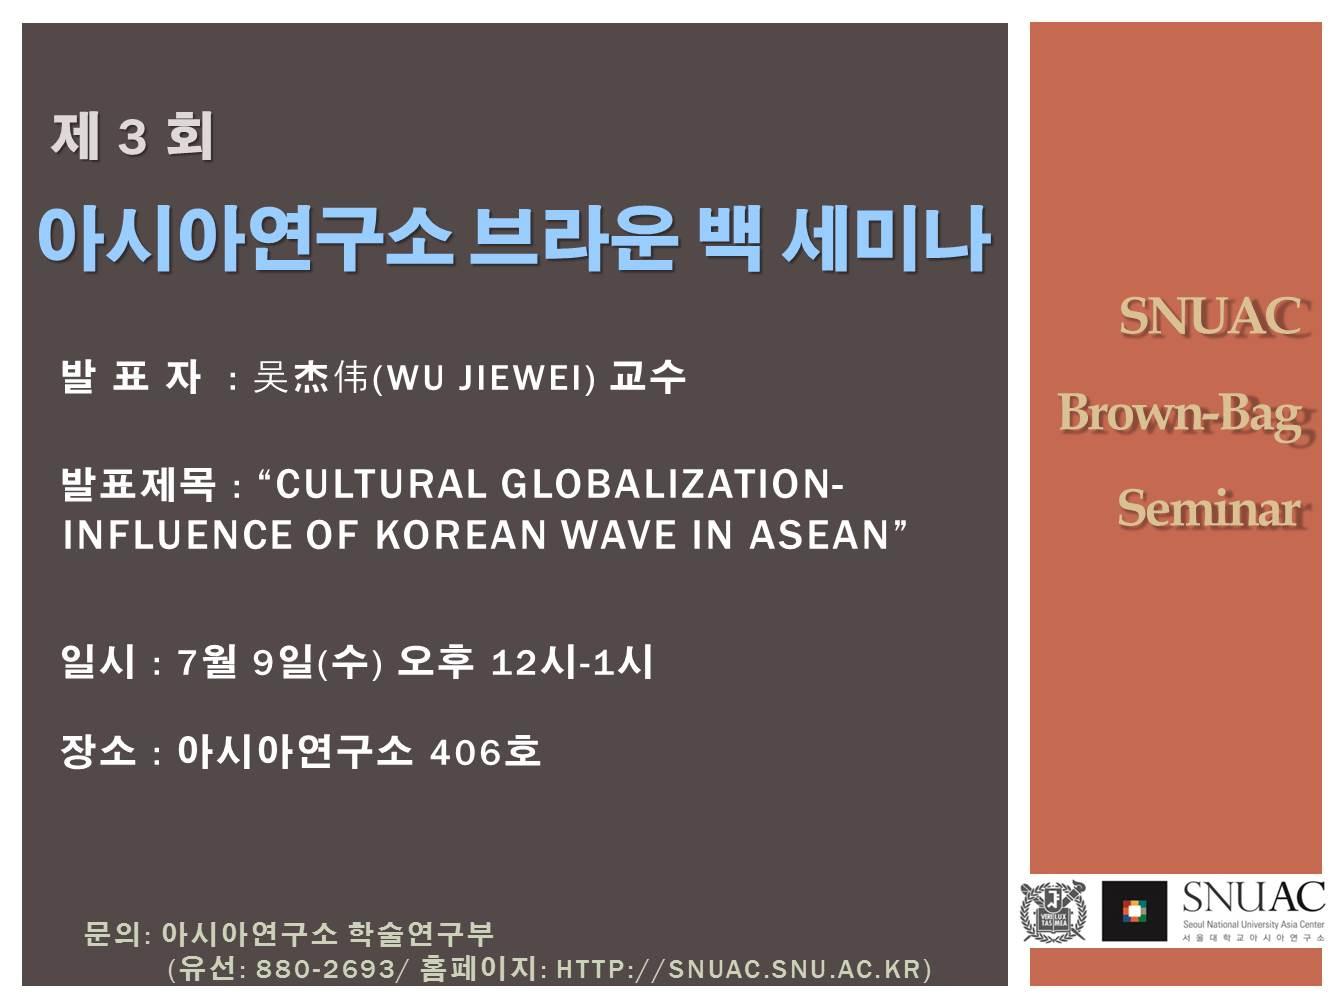 제 3 회 아시아연구소 브라운 백 세미나